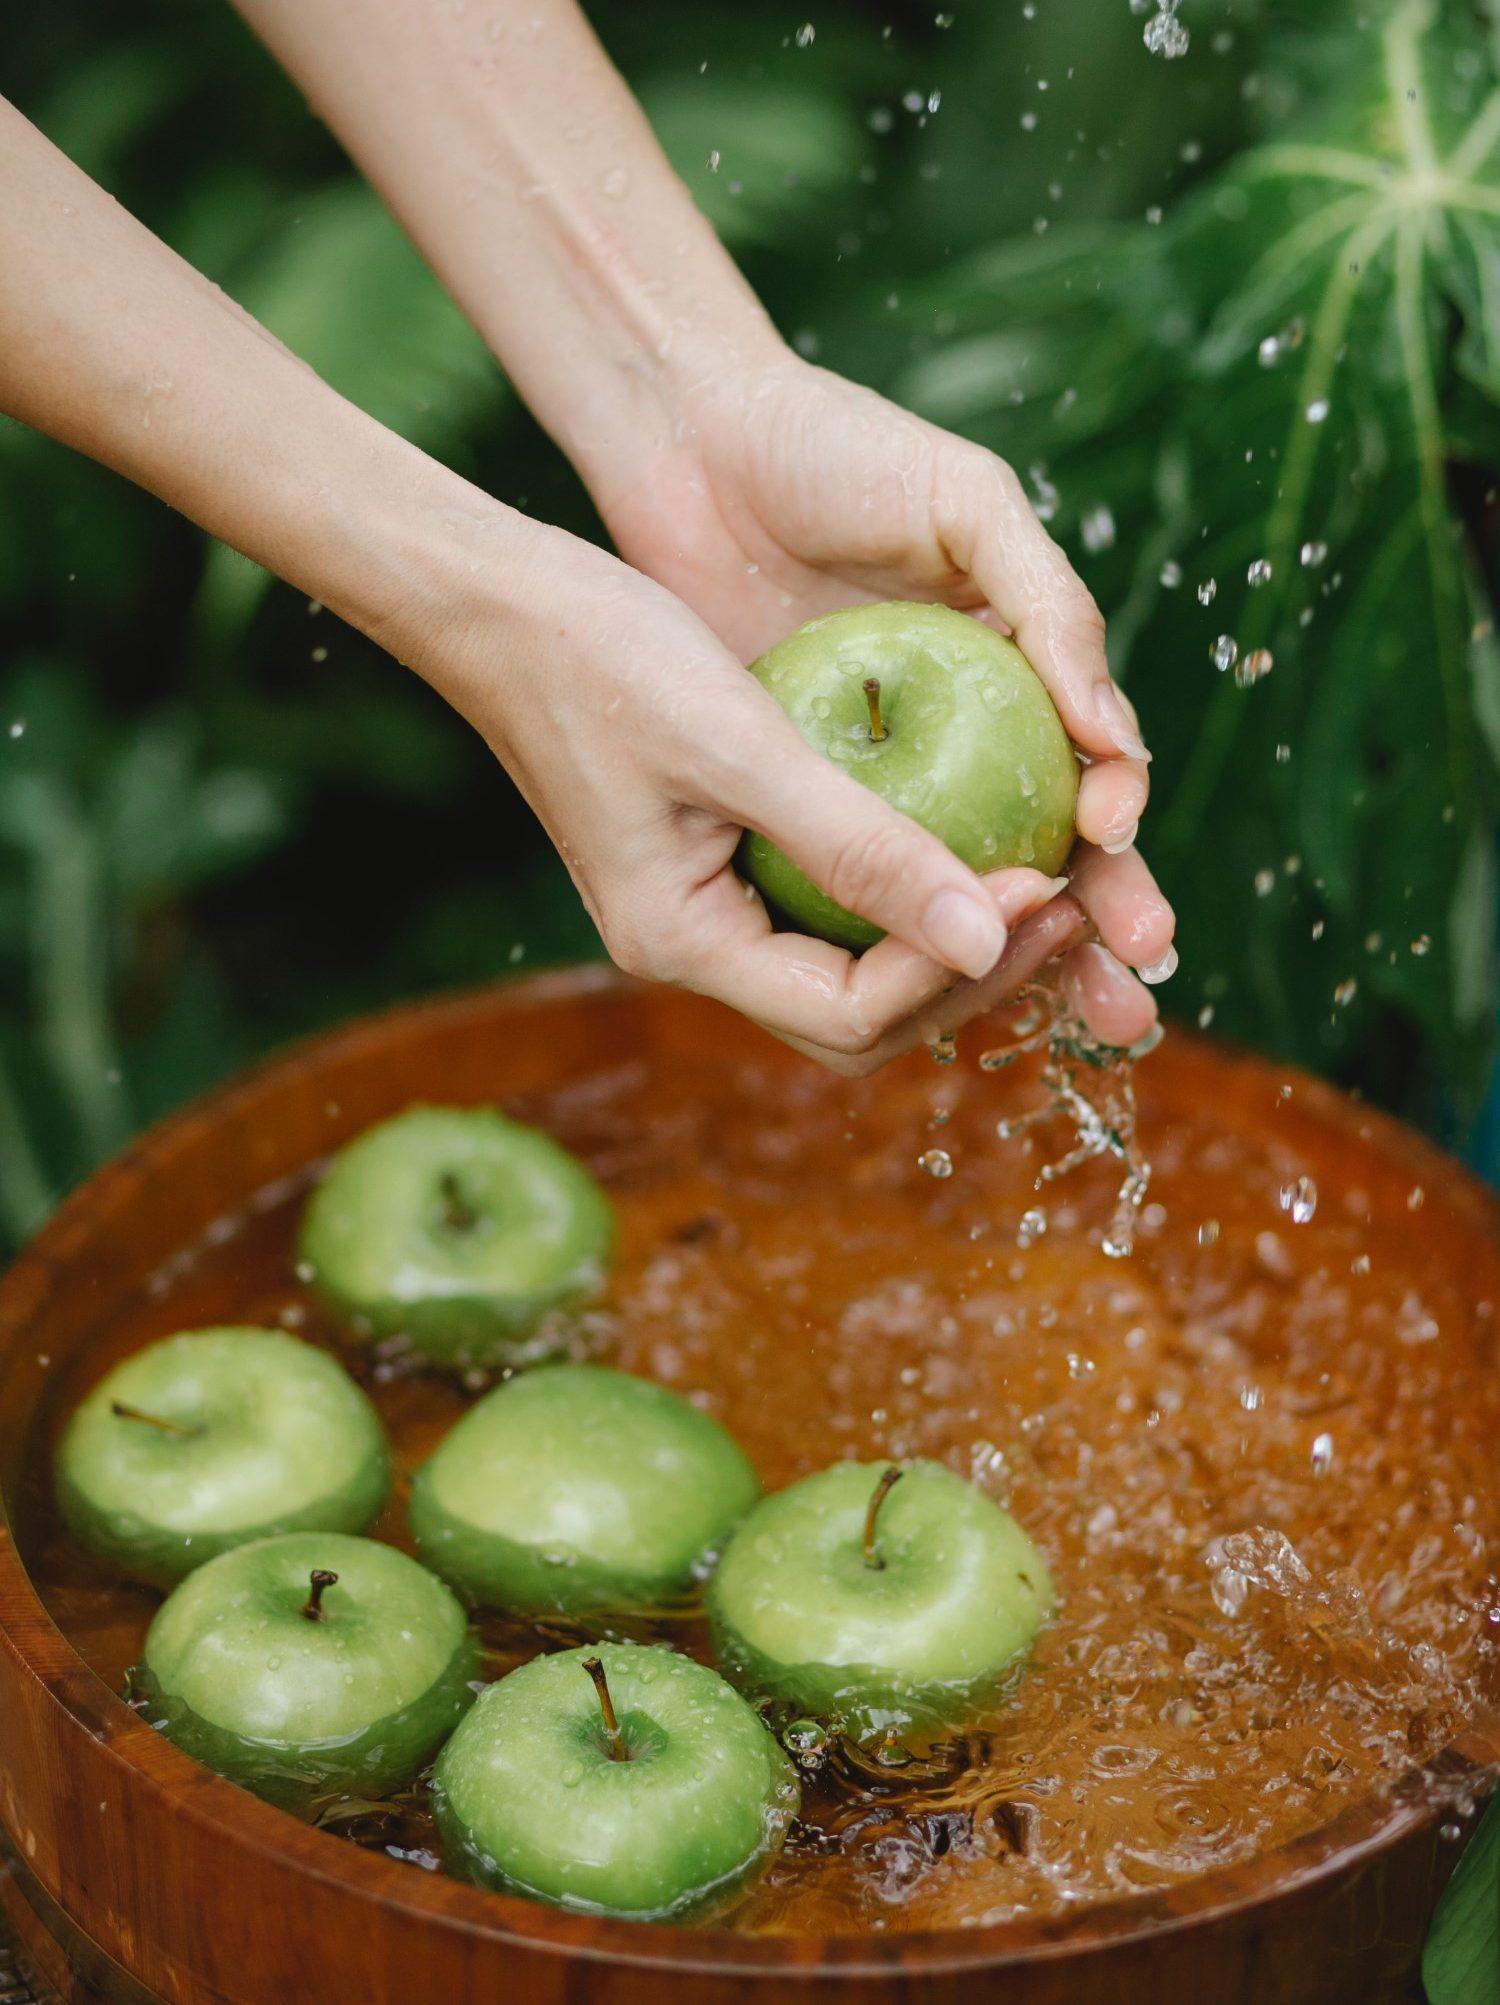 como conseguir unas frutas de calidad y aumentar su engorde